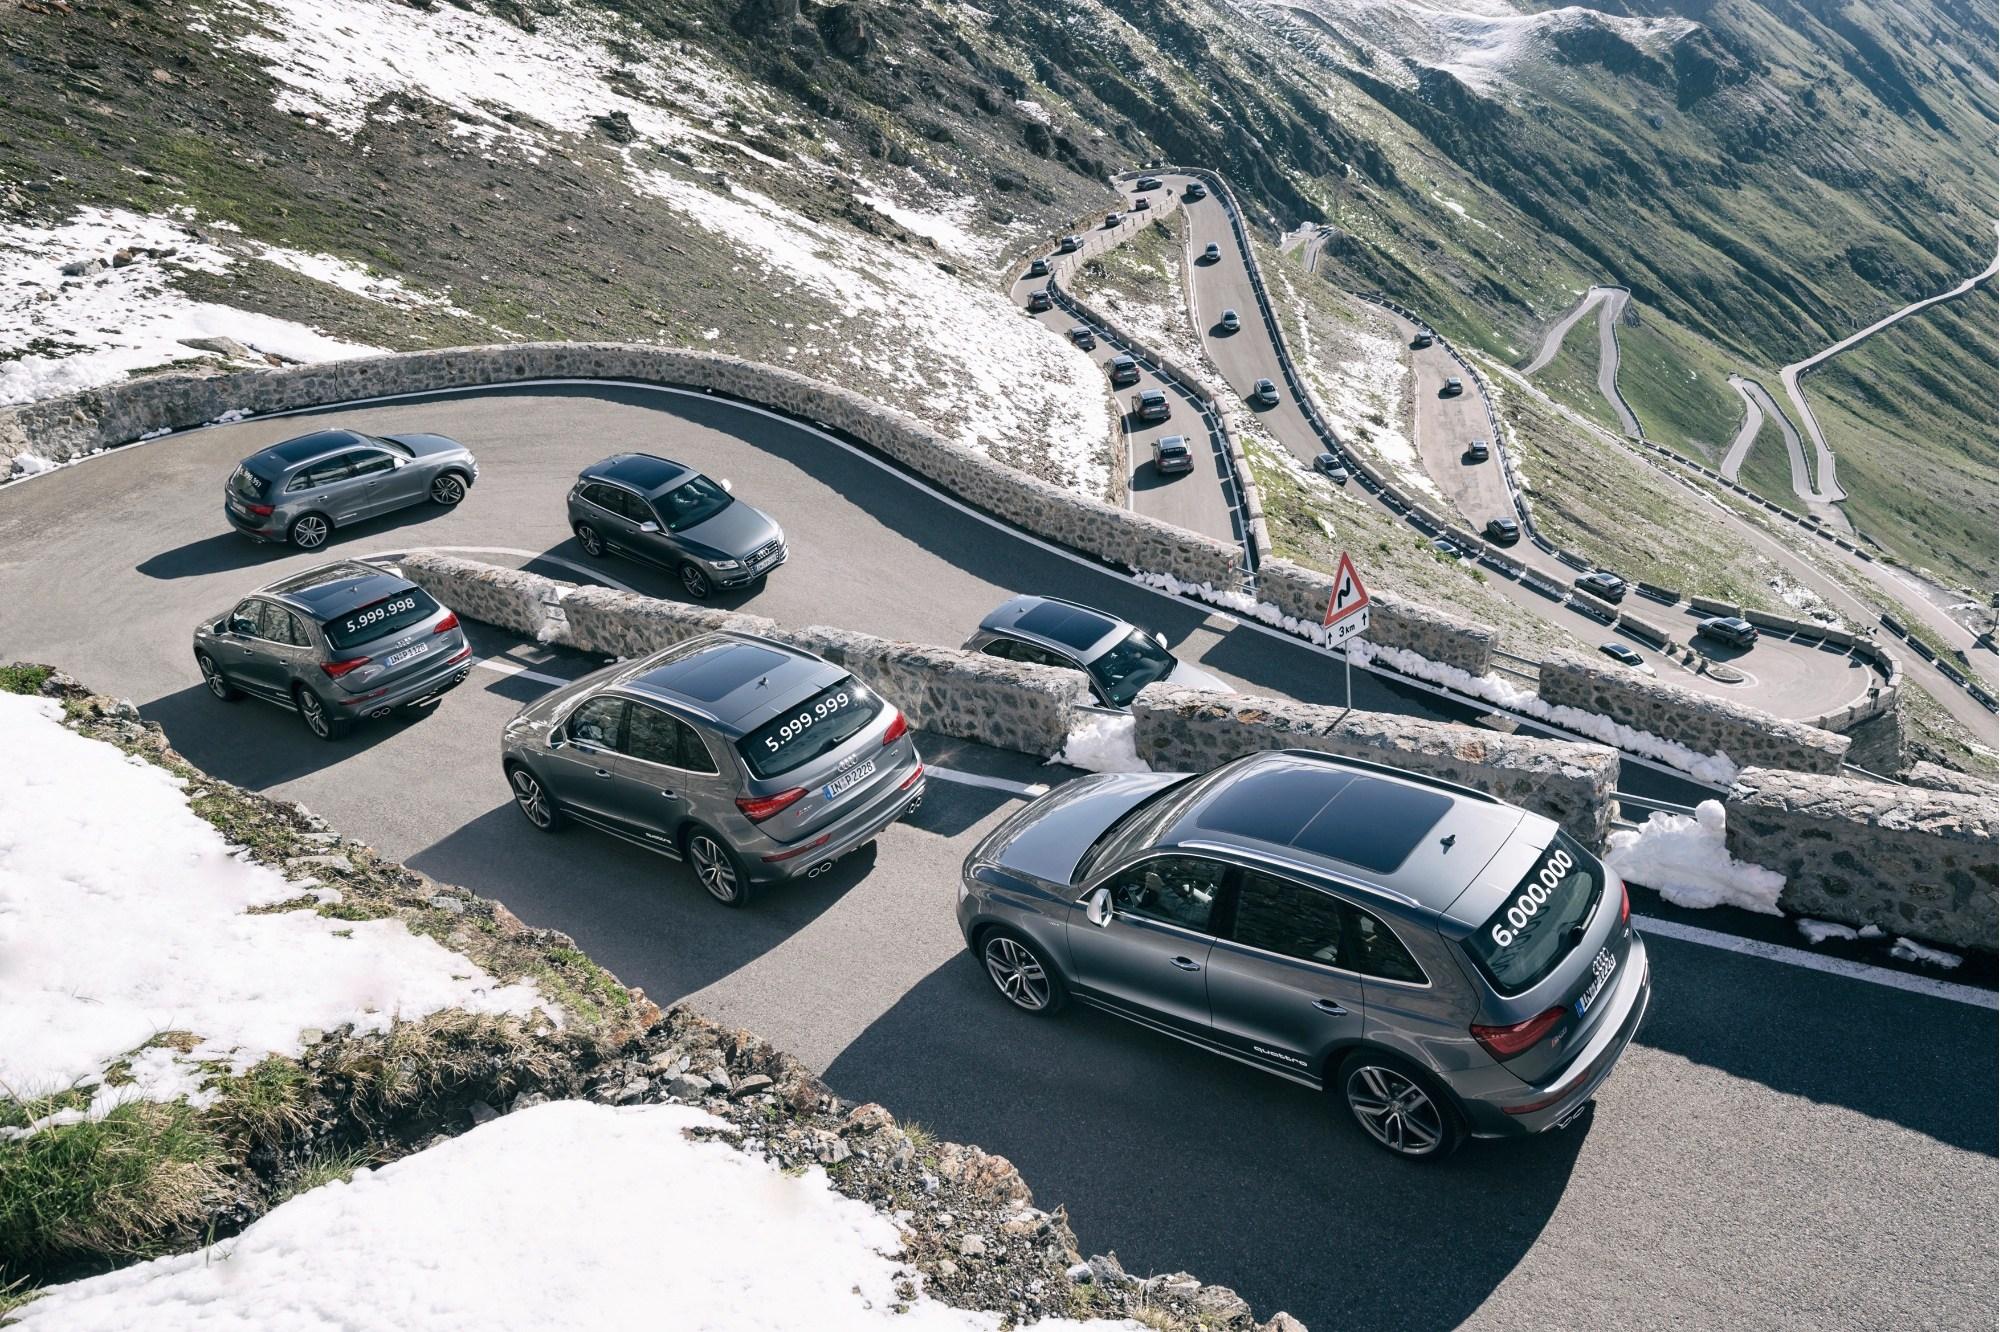 audi-celebrates-6-millionth-quattro-car-produced-83775_1